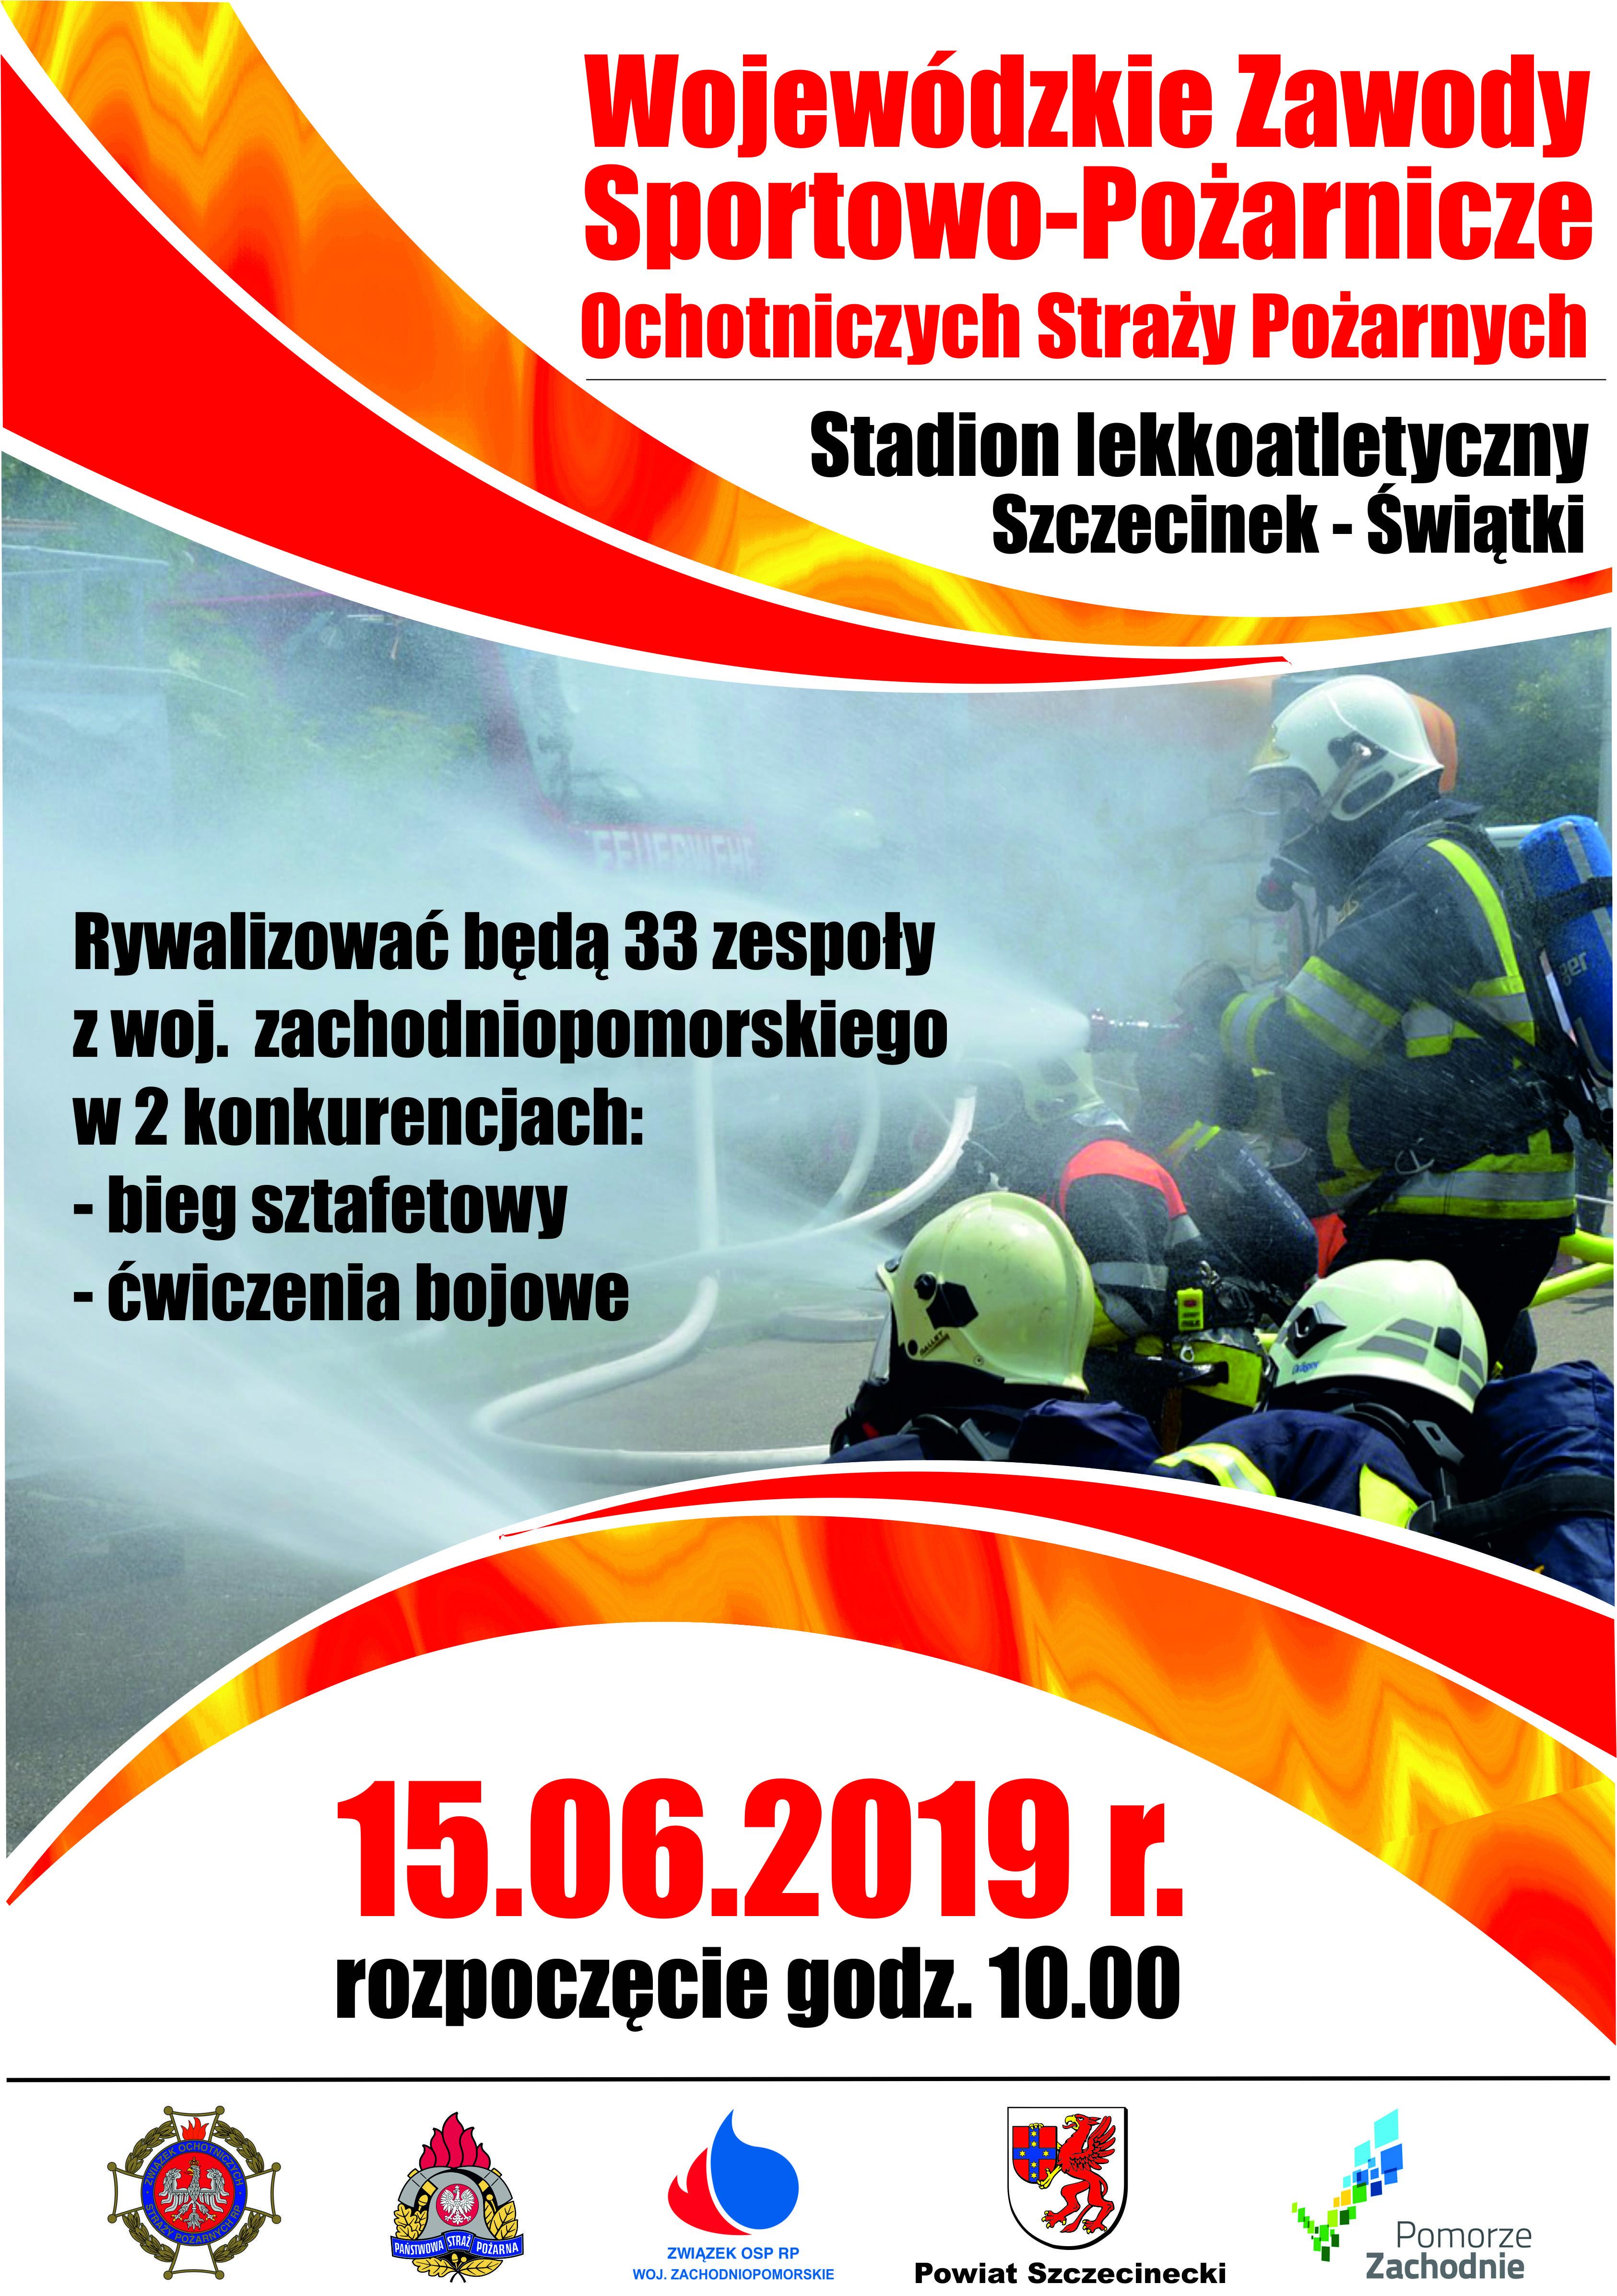 plakat Wojewódzkie zawody pozarnicze